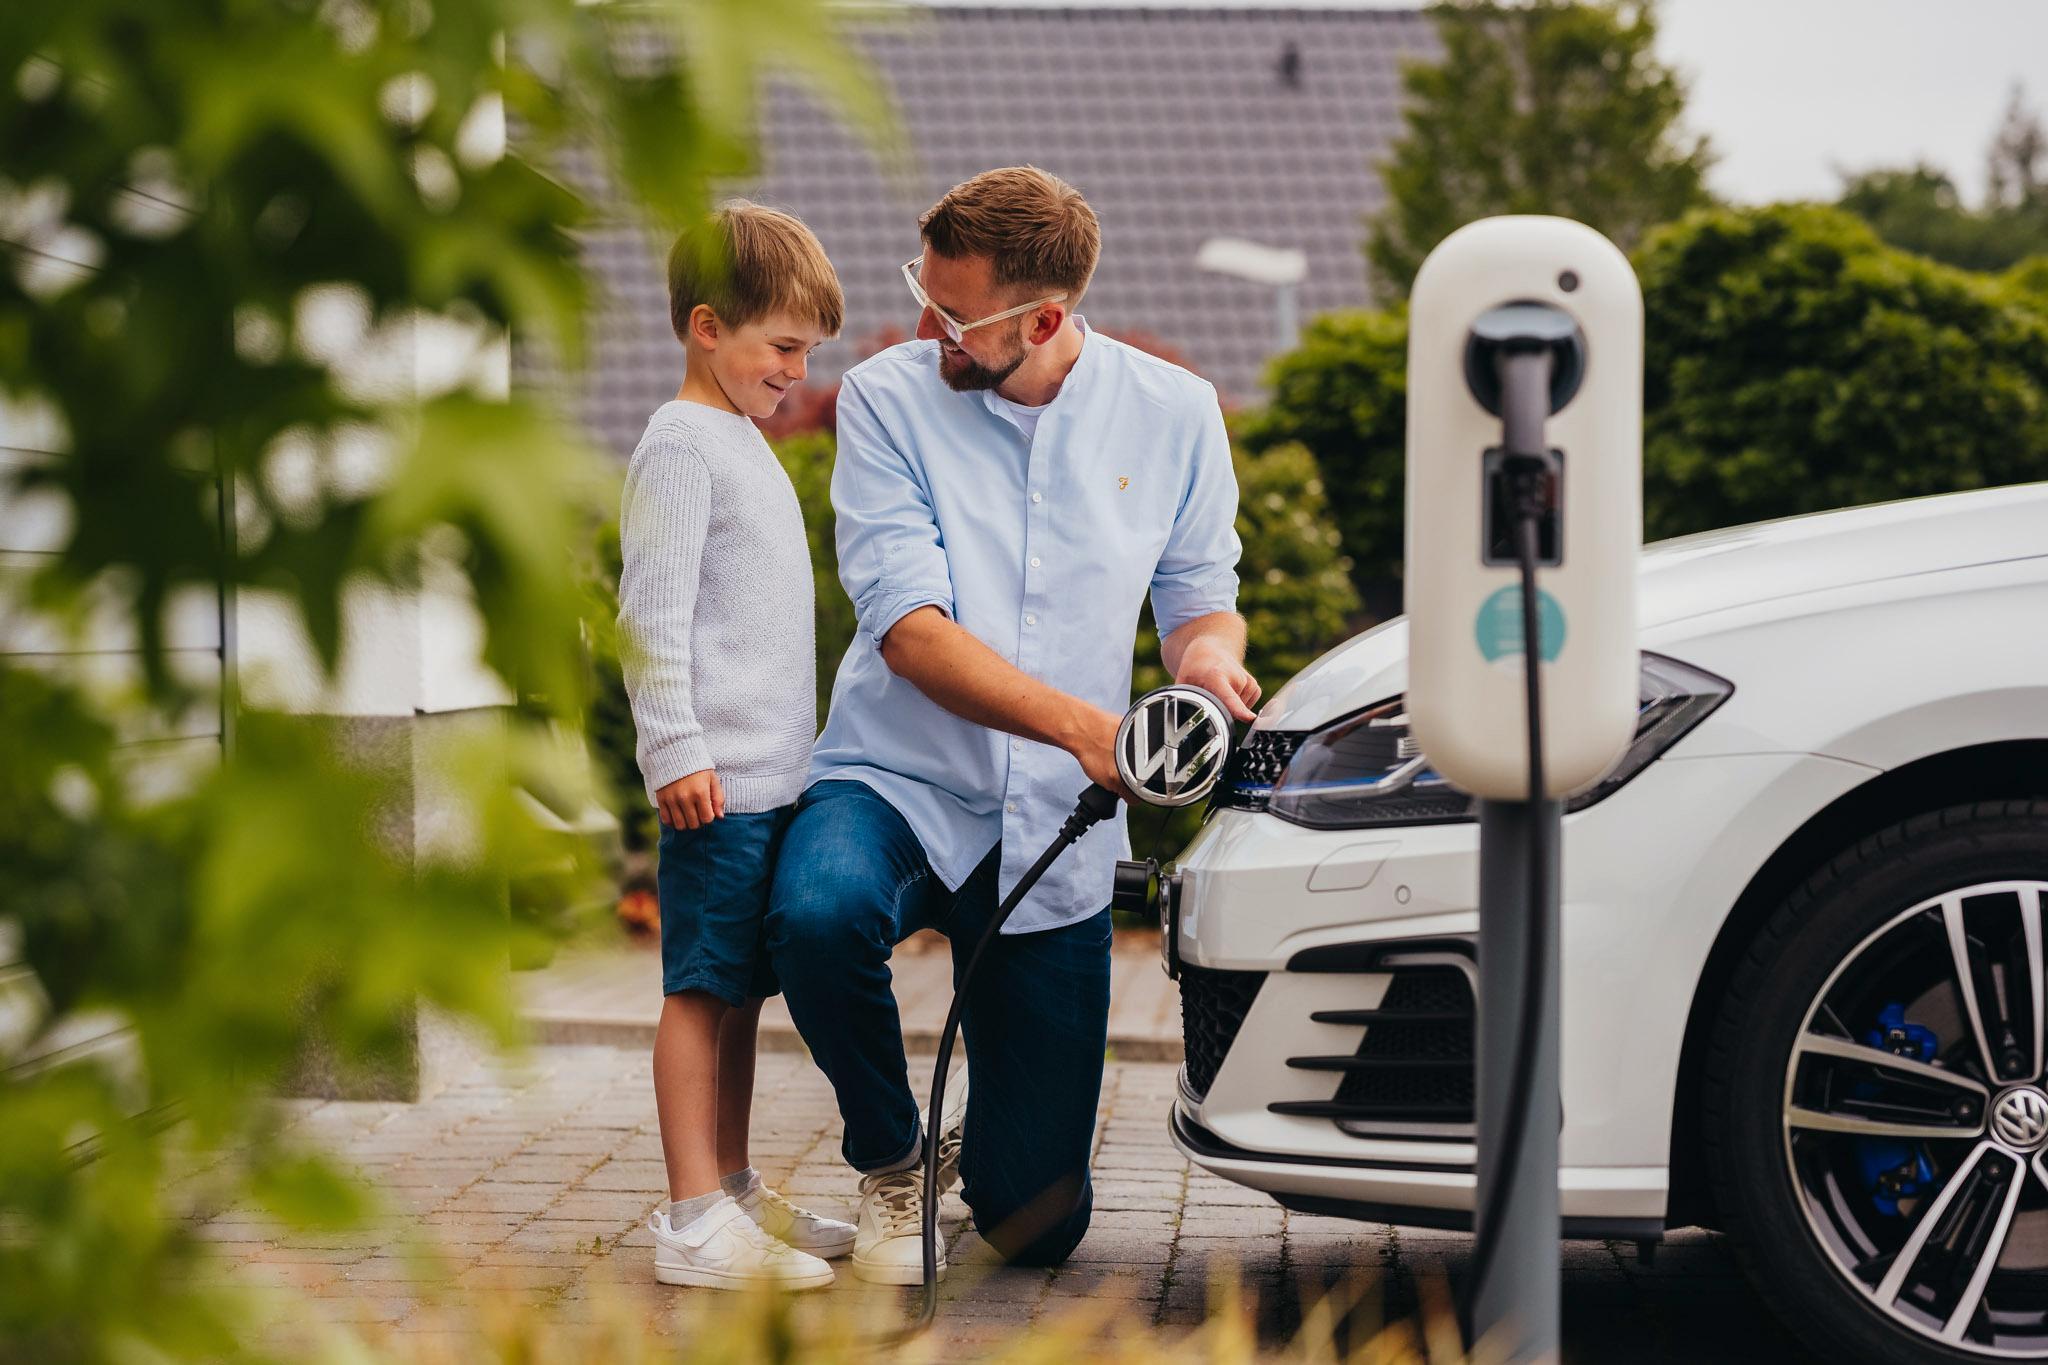 Mann mit Sohn vor Elektroauto. Mann lädt das E-Auto.